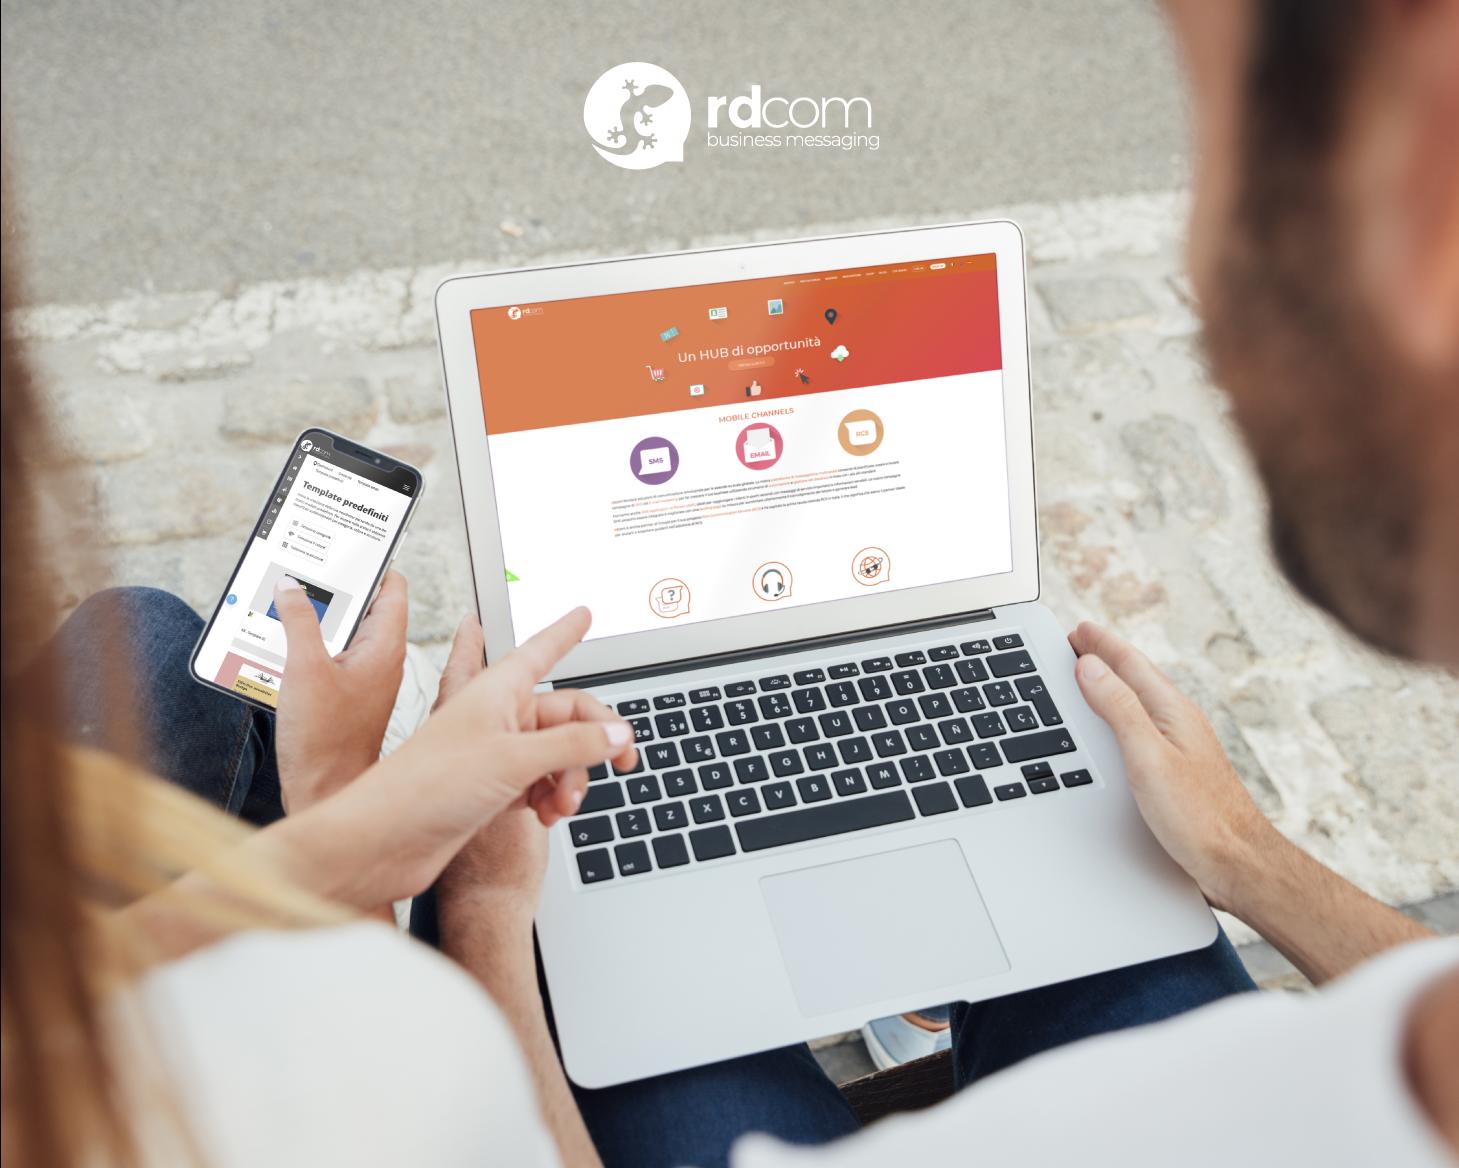 rdcom platform e criptalia